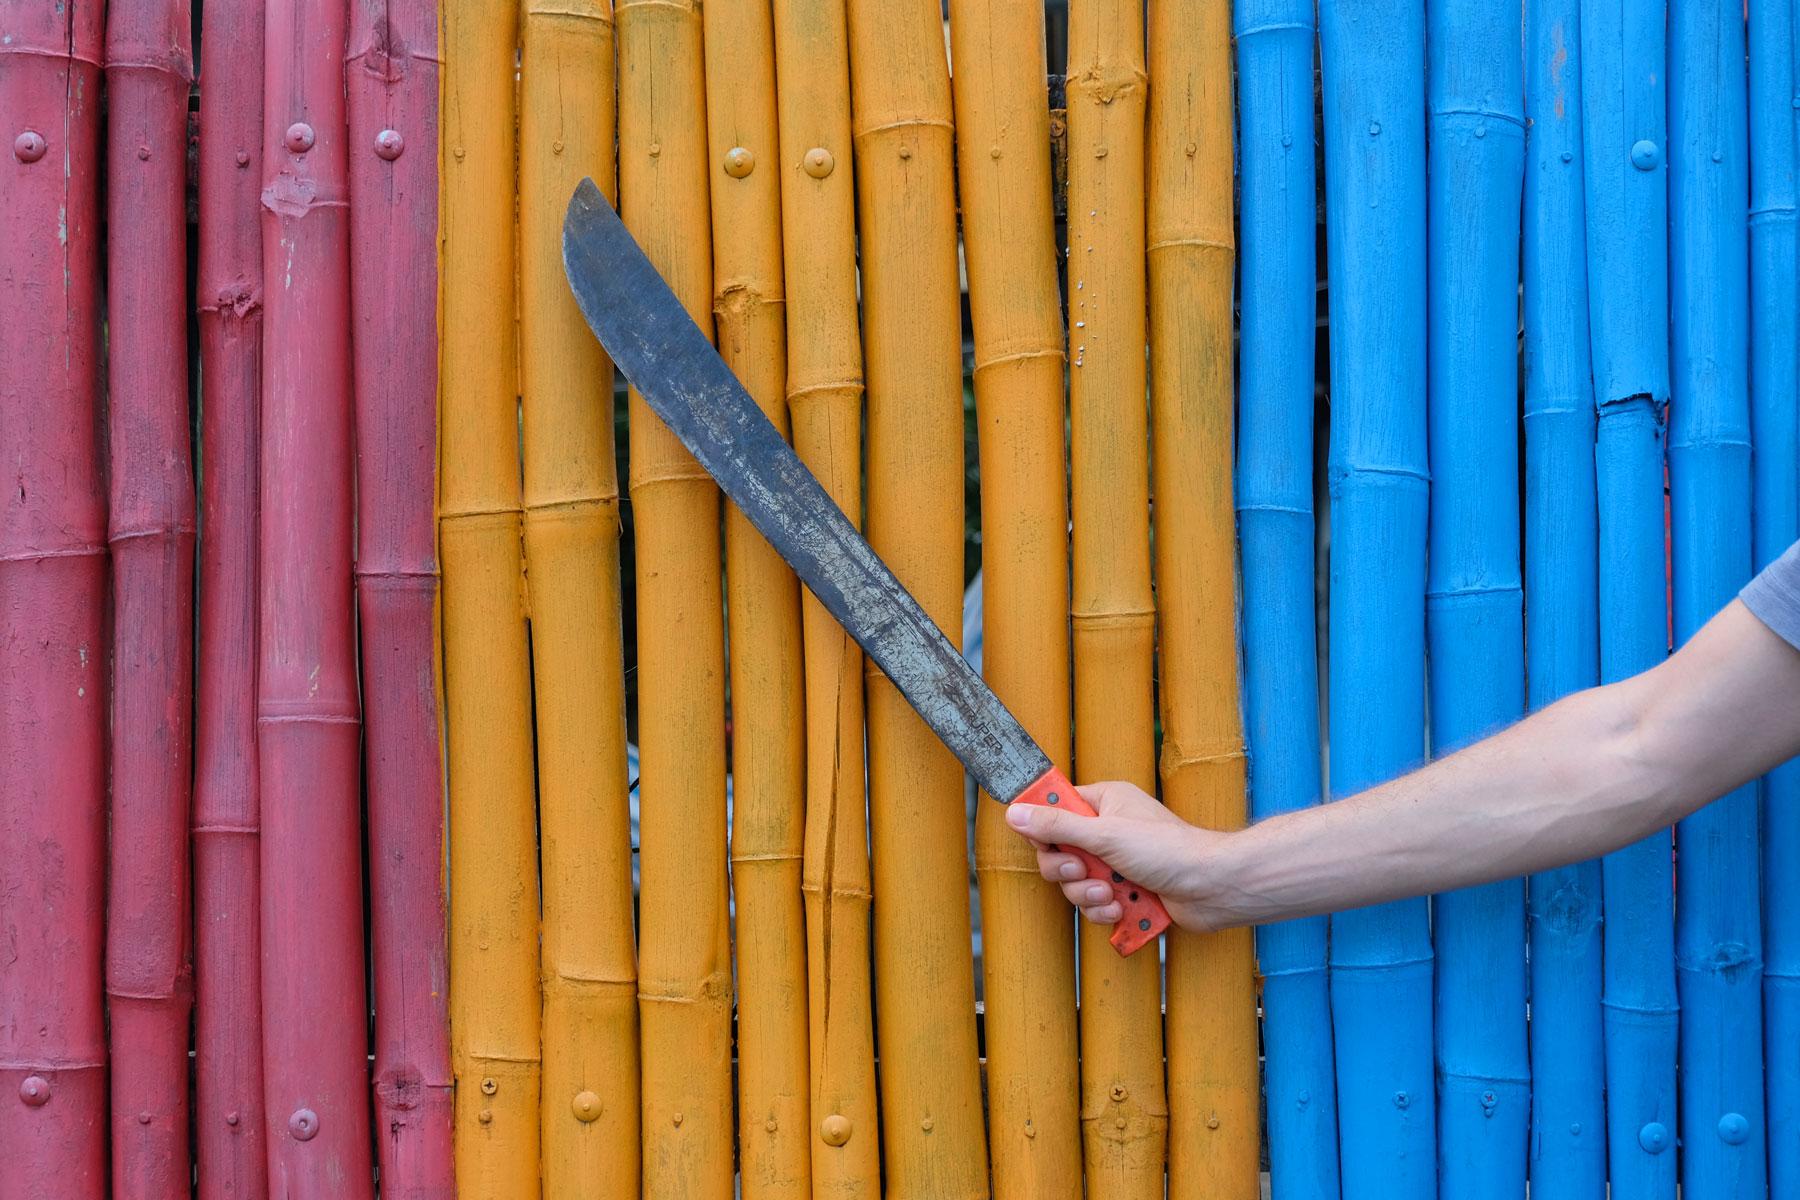 Eine Machete ist ein langes, scharfes Messer.